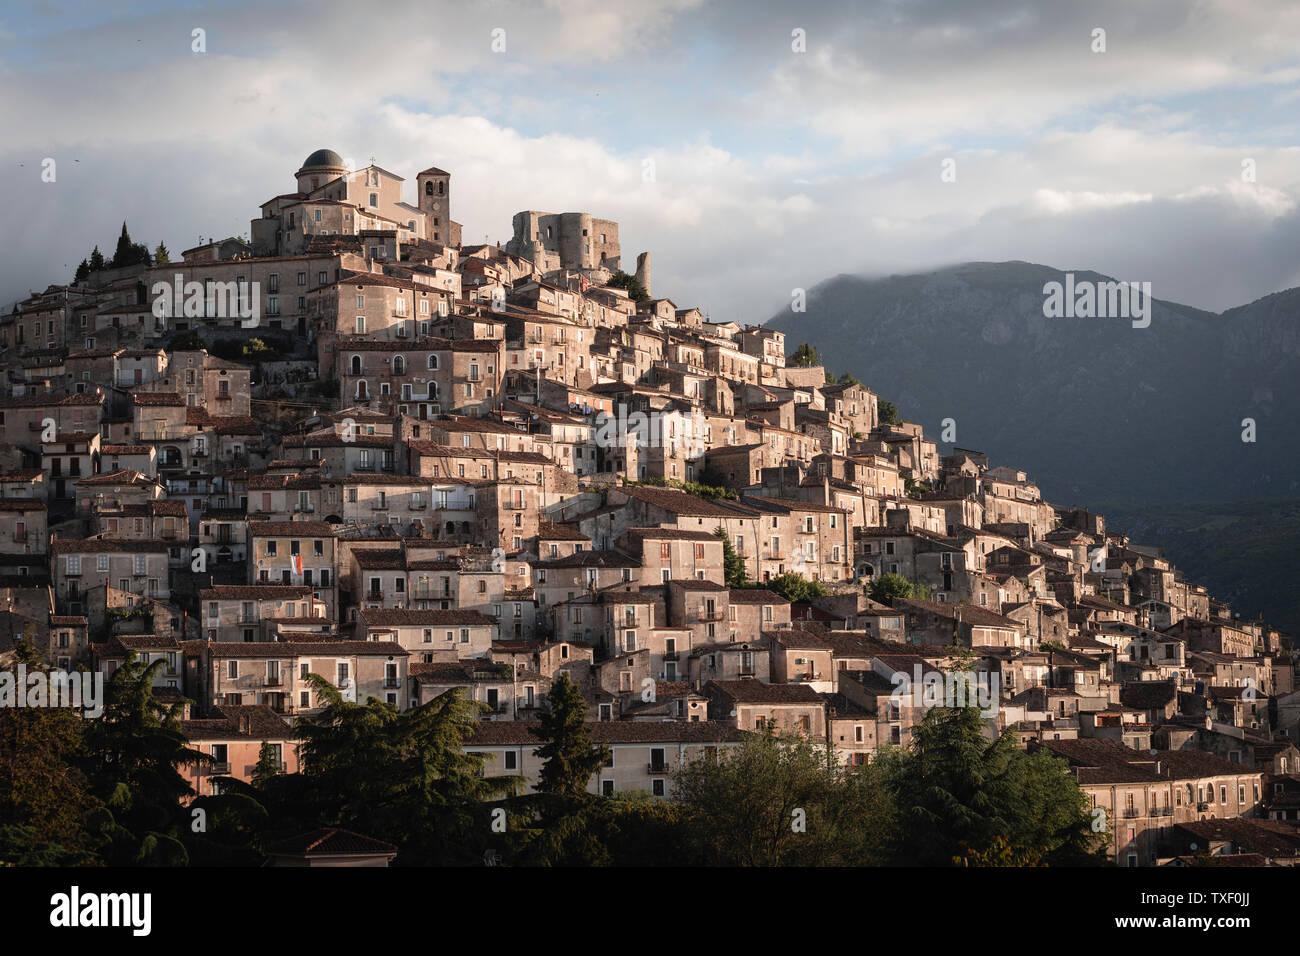 Town of Morano Calabro, Calabria, Italy - Stock Image